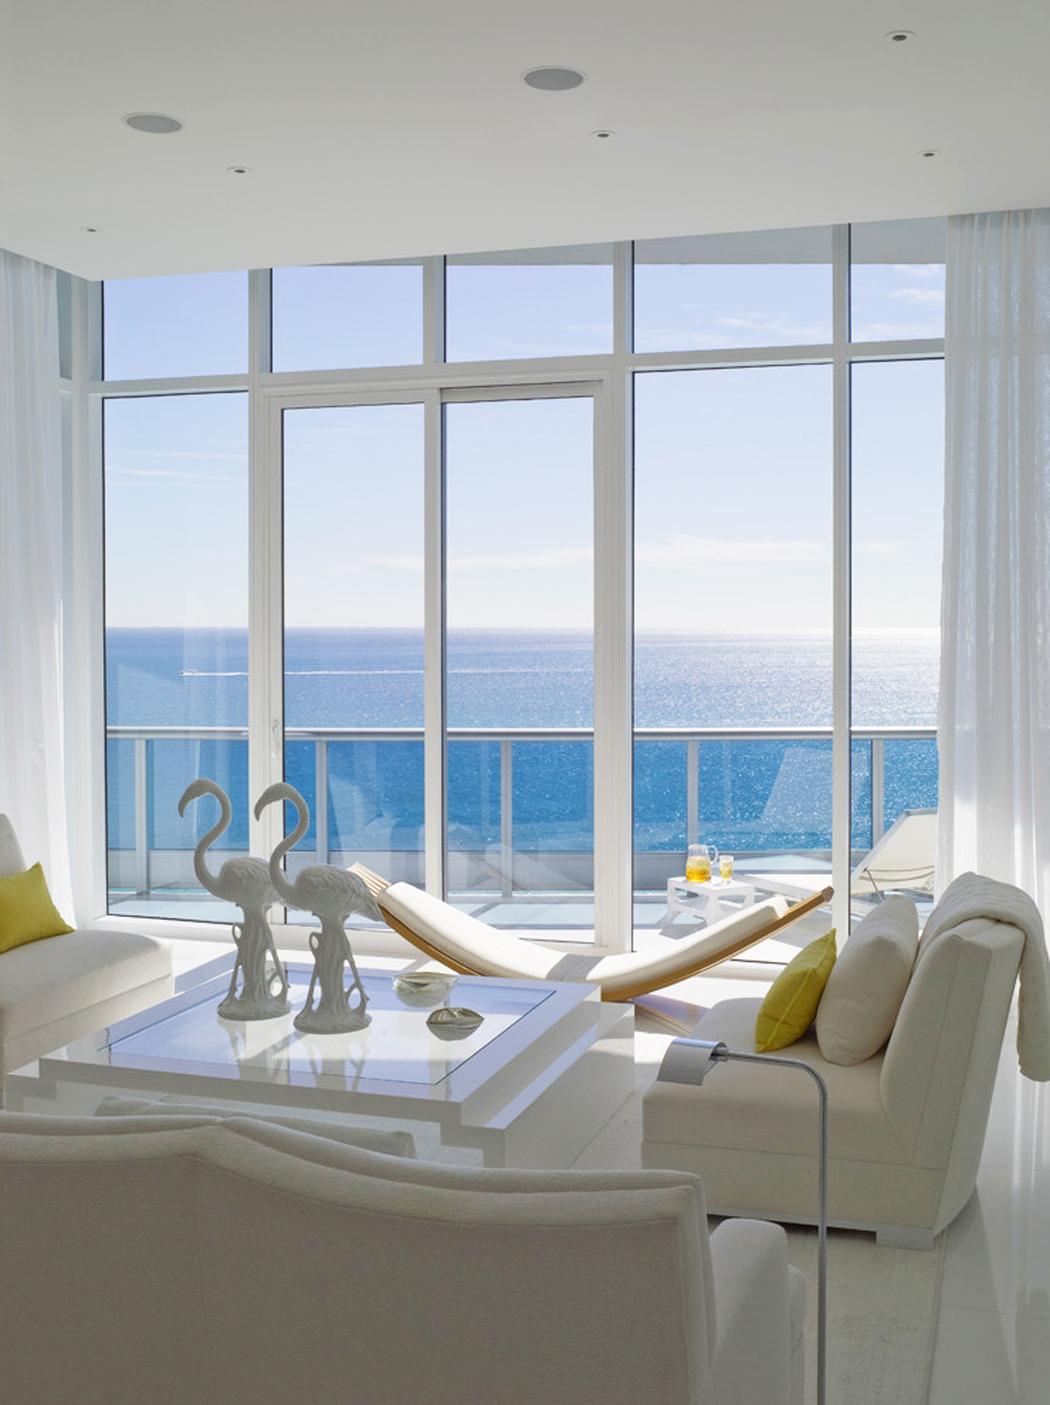 Magnifique appartement de vacances avec vue imprenable sur - Appartement de vacances styleshous design ...